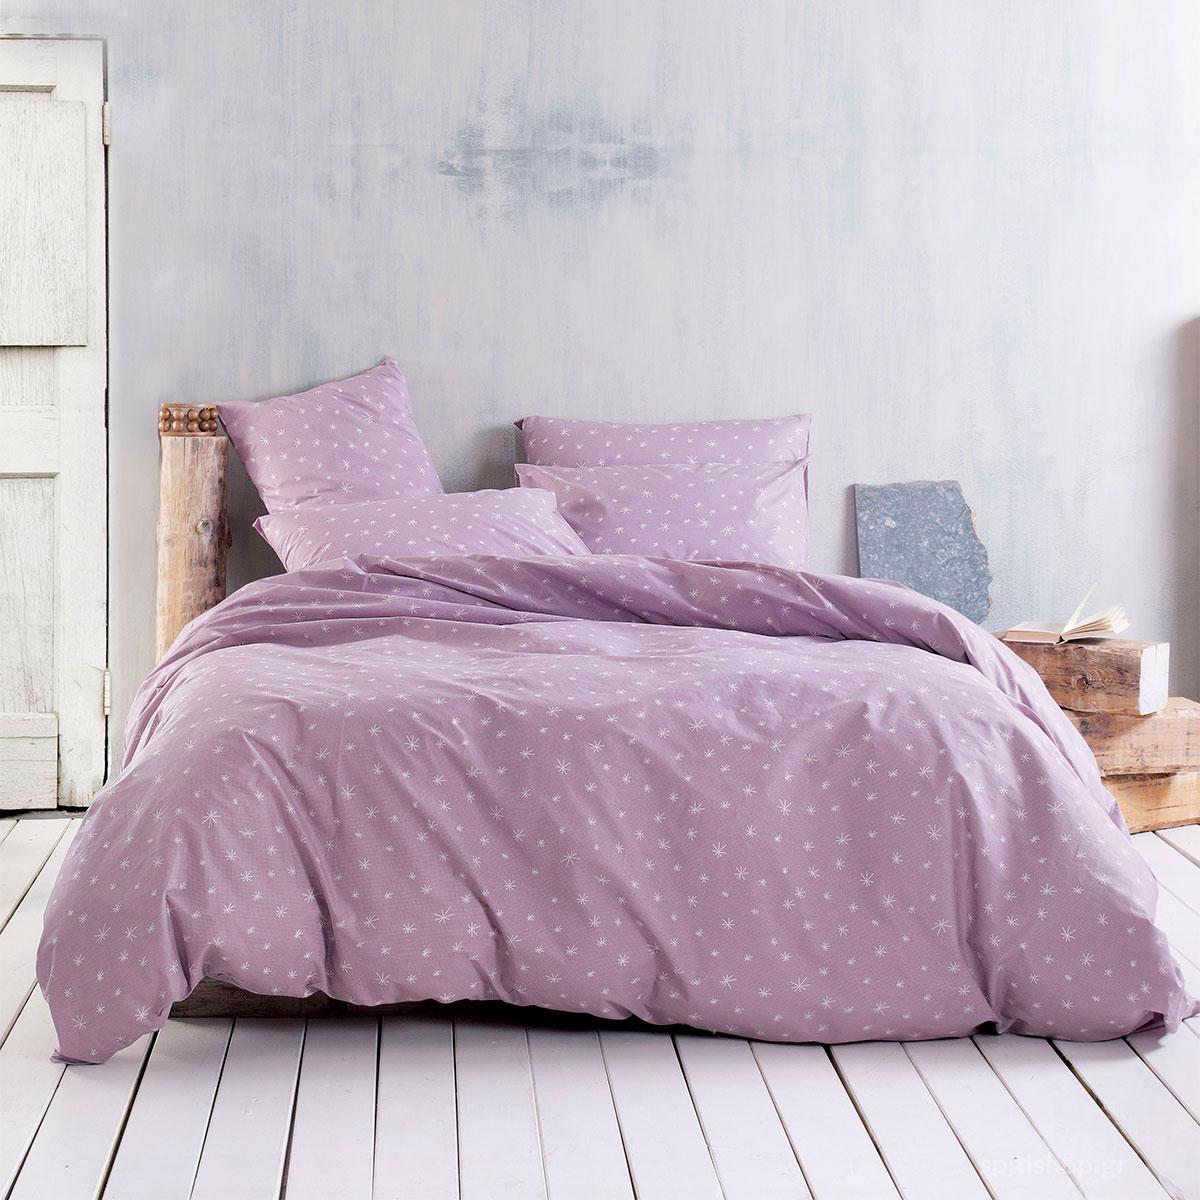 Σεντόνια Μονά (Σετ) Rythmos Next Luminosa Pink ΜΕ ΛΑΣΤΙΧΟ 105×205+25 ΜΕ ΛΑΣΤΙΧΟ 105×205+25